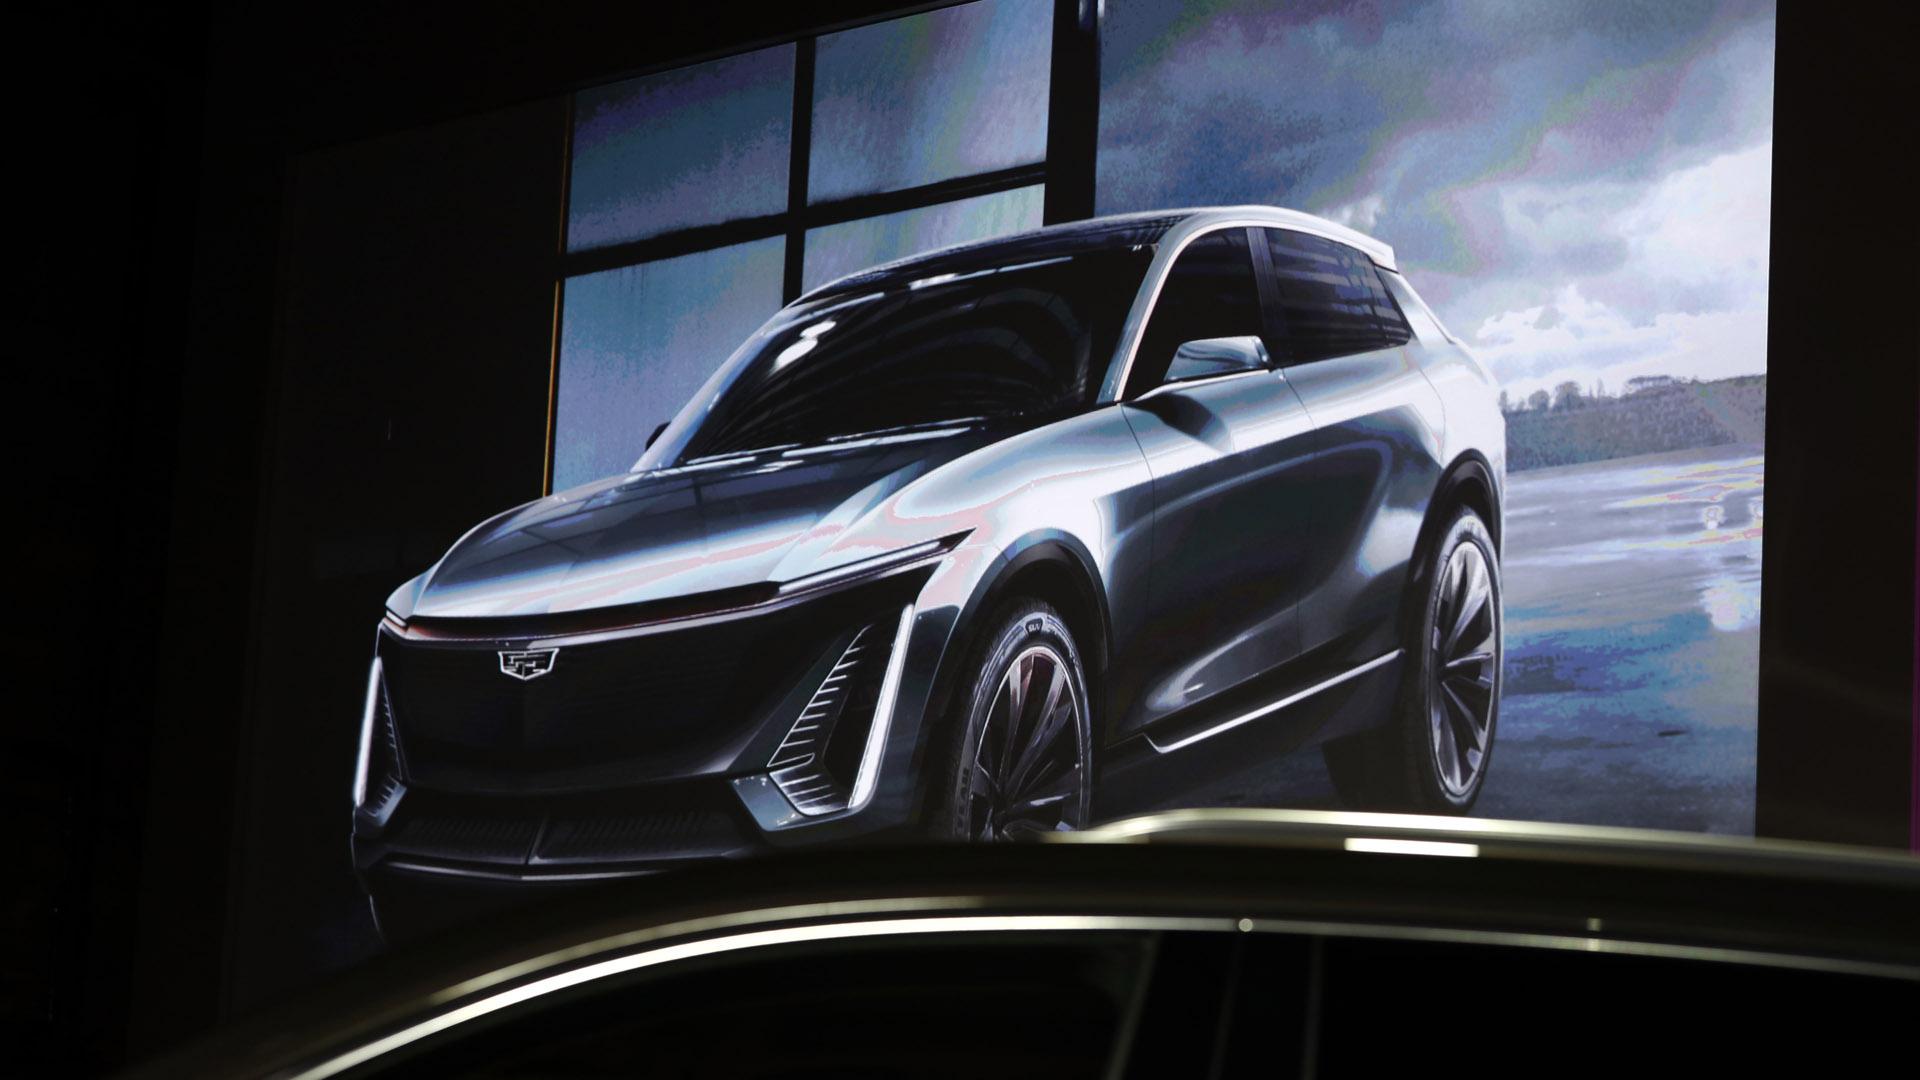 Cadillac electric crossover SUV concept  011419 AP_1547512596298